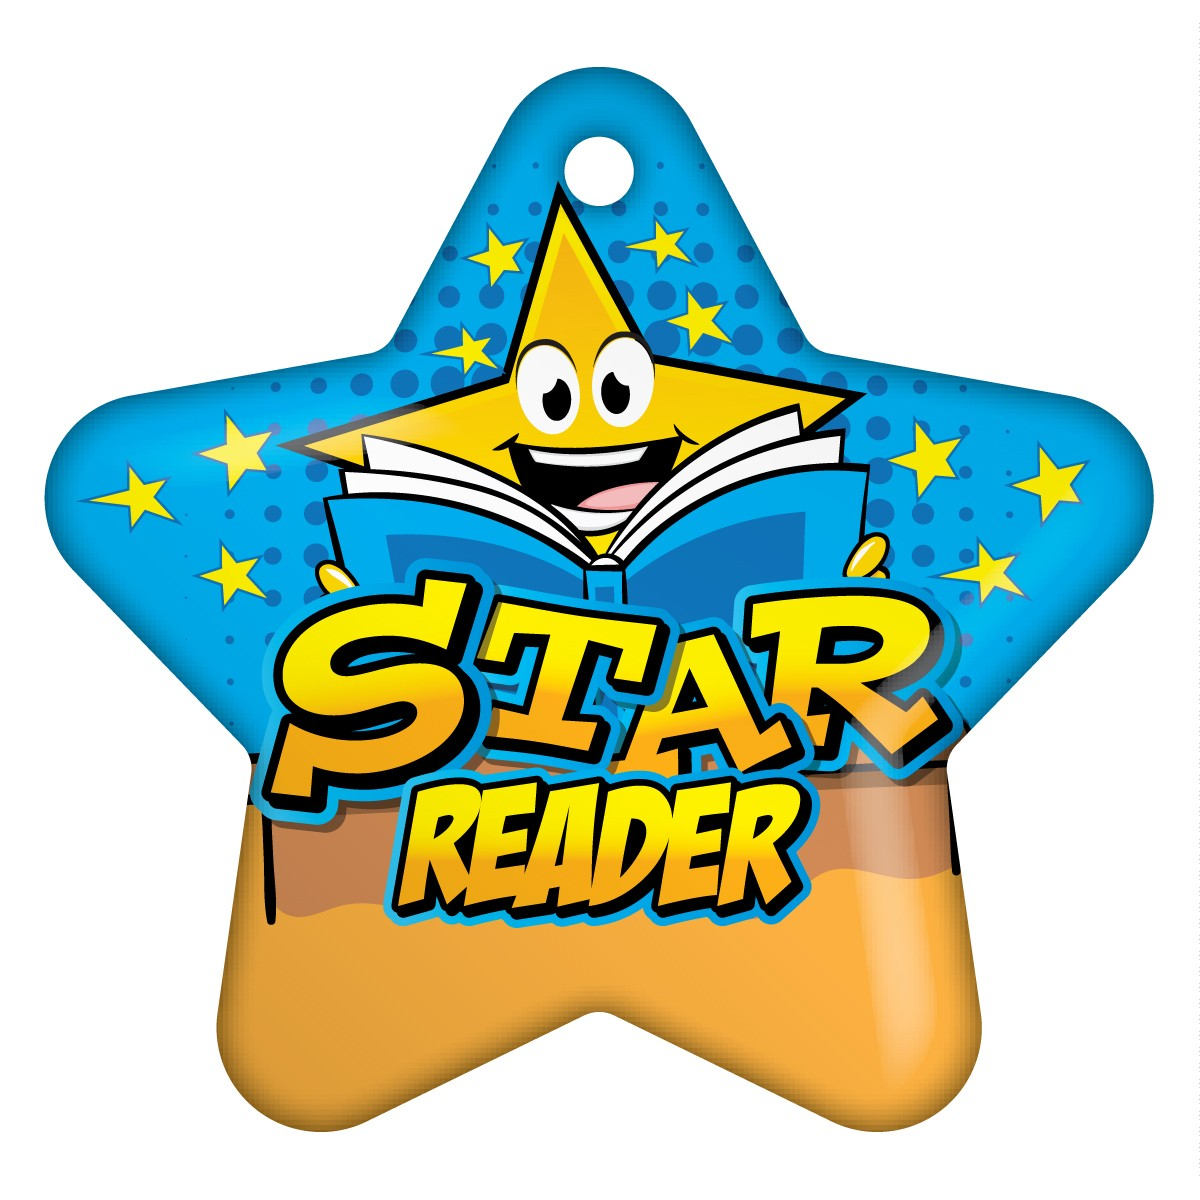 Star Reader.